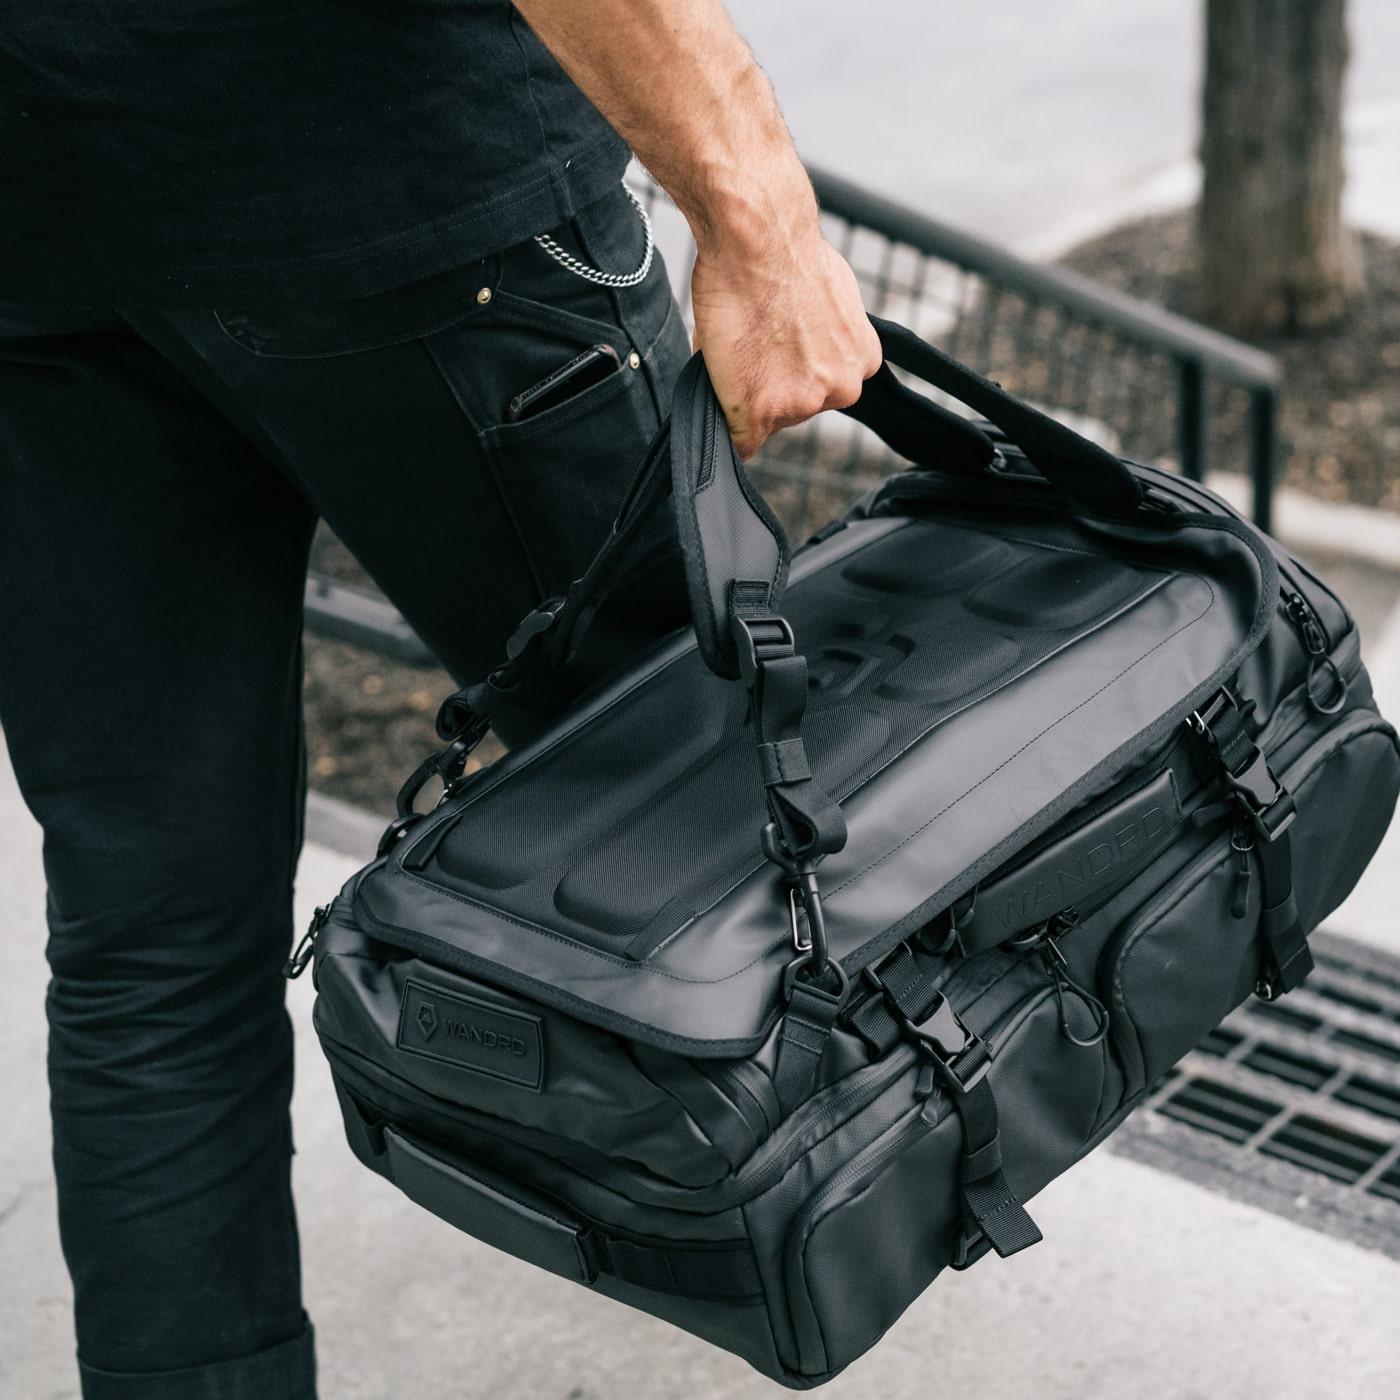 Ultra-organized backpack